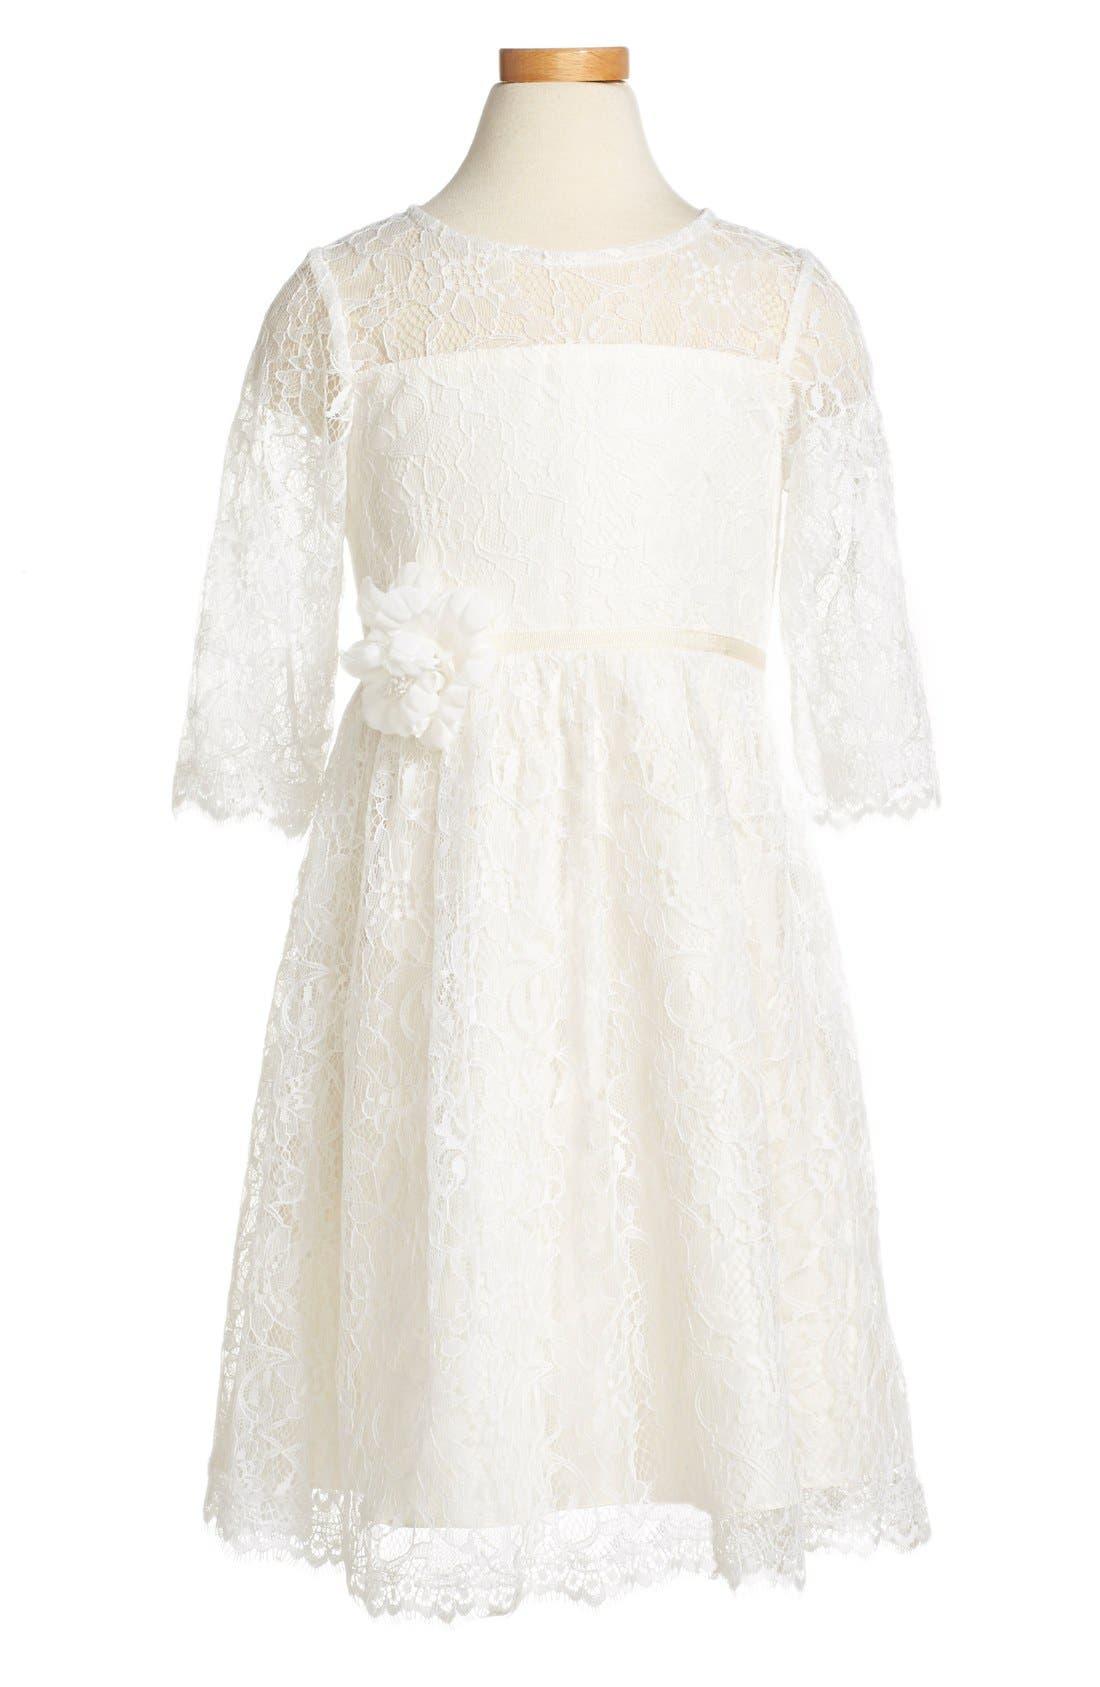 Annie Floral Appliqué Lace Dress,                             Alternate thumbnail 3, color,                             Ivory